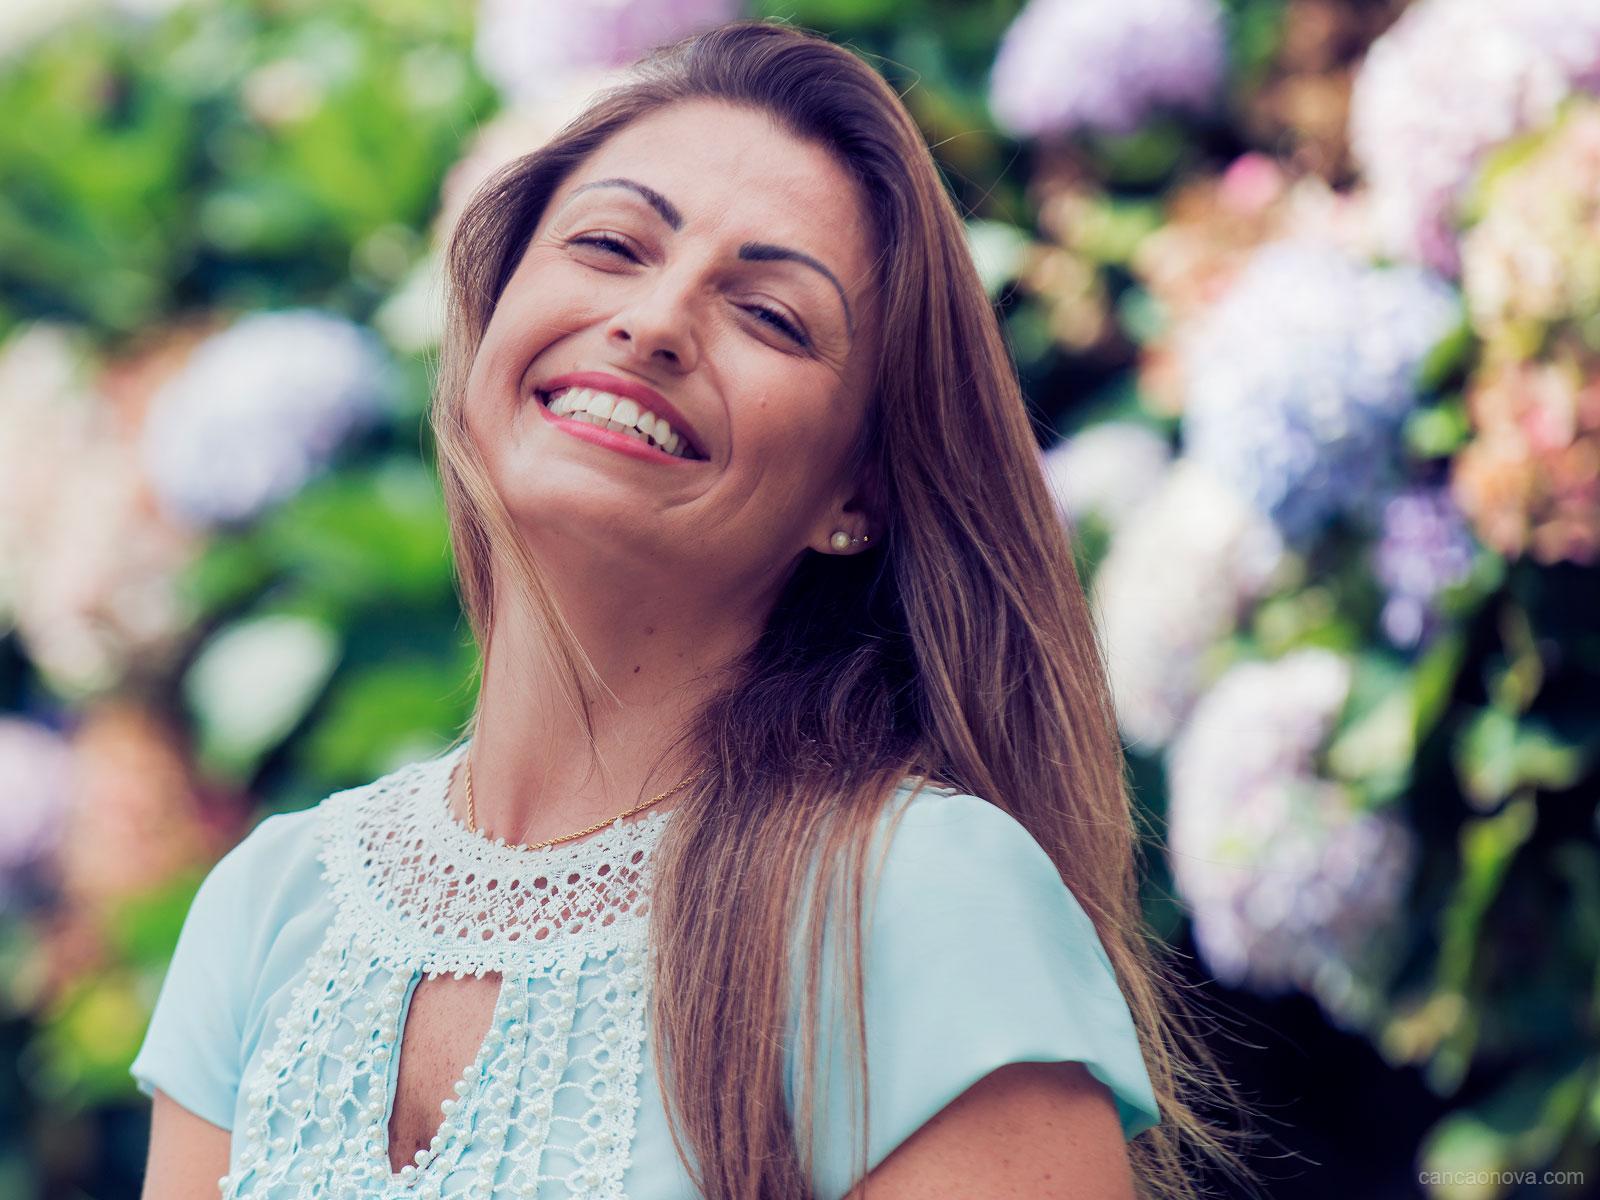 Quais são as características de uma mulher de valor?